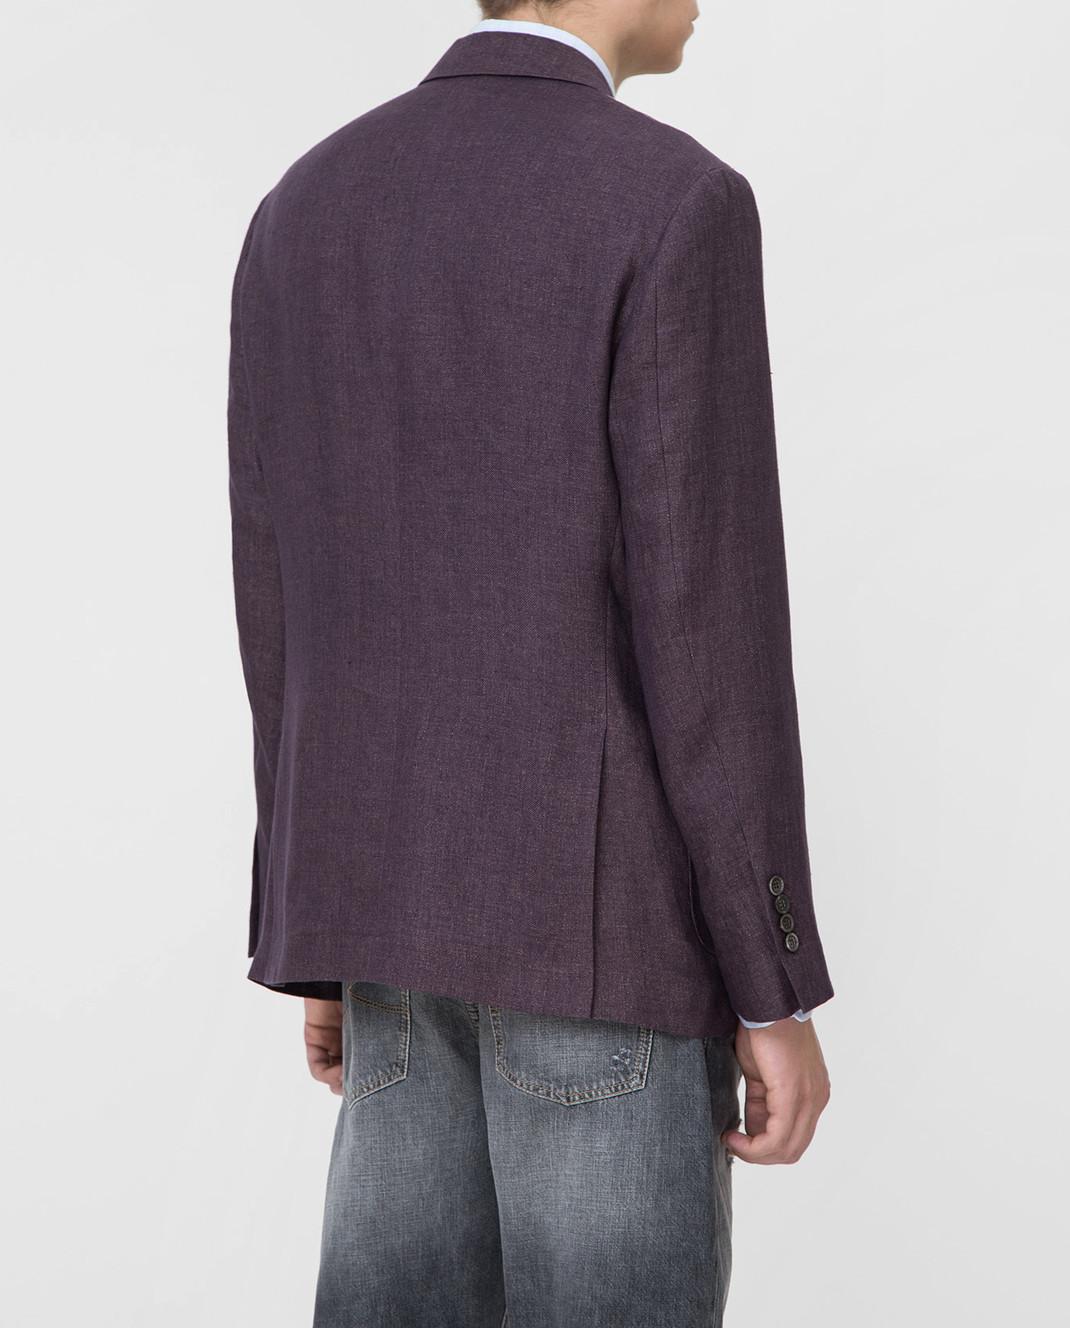 Brunello Cucinelli Сиреневый пиджак изображение 4